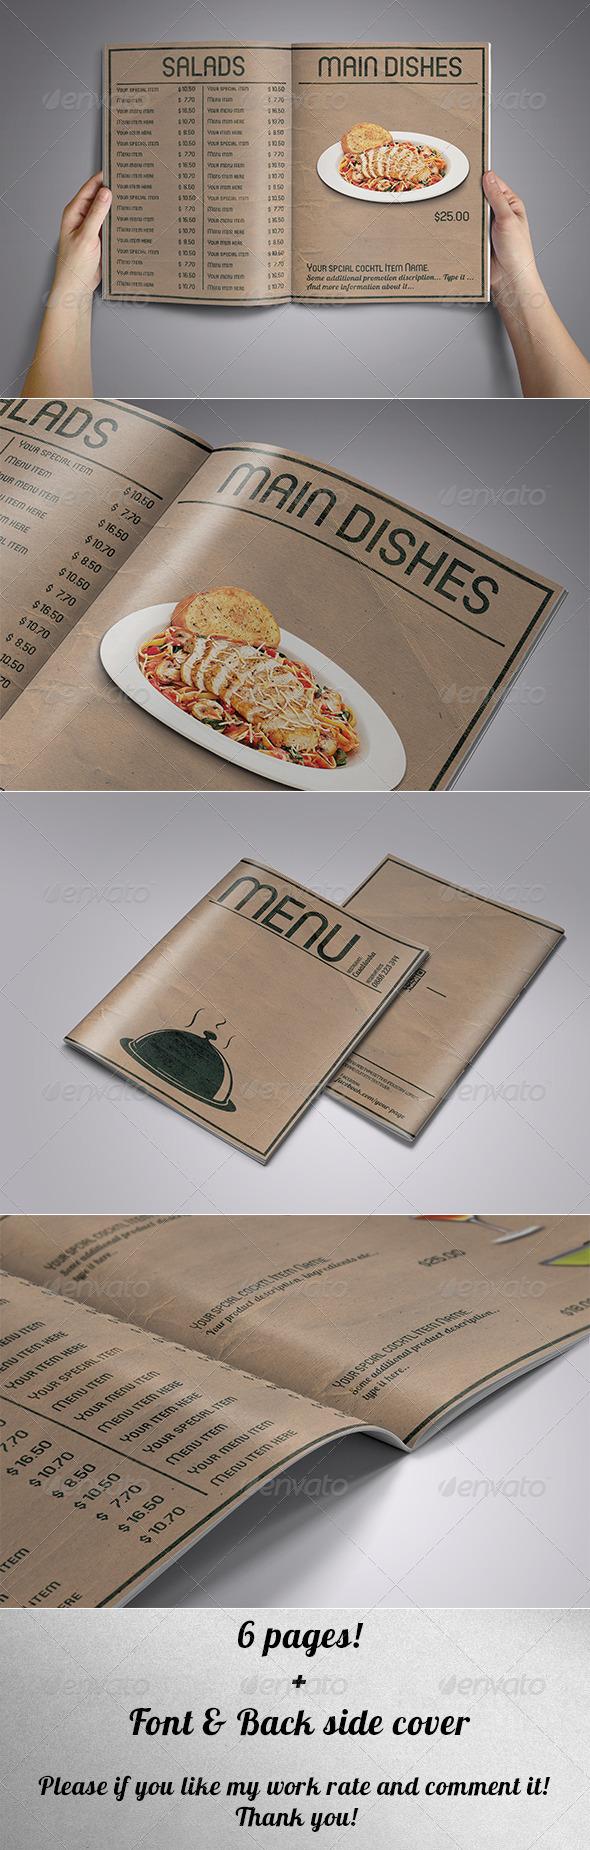 6 Pages Food Menu Vintage Style